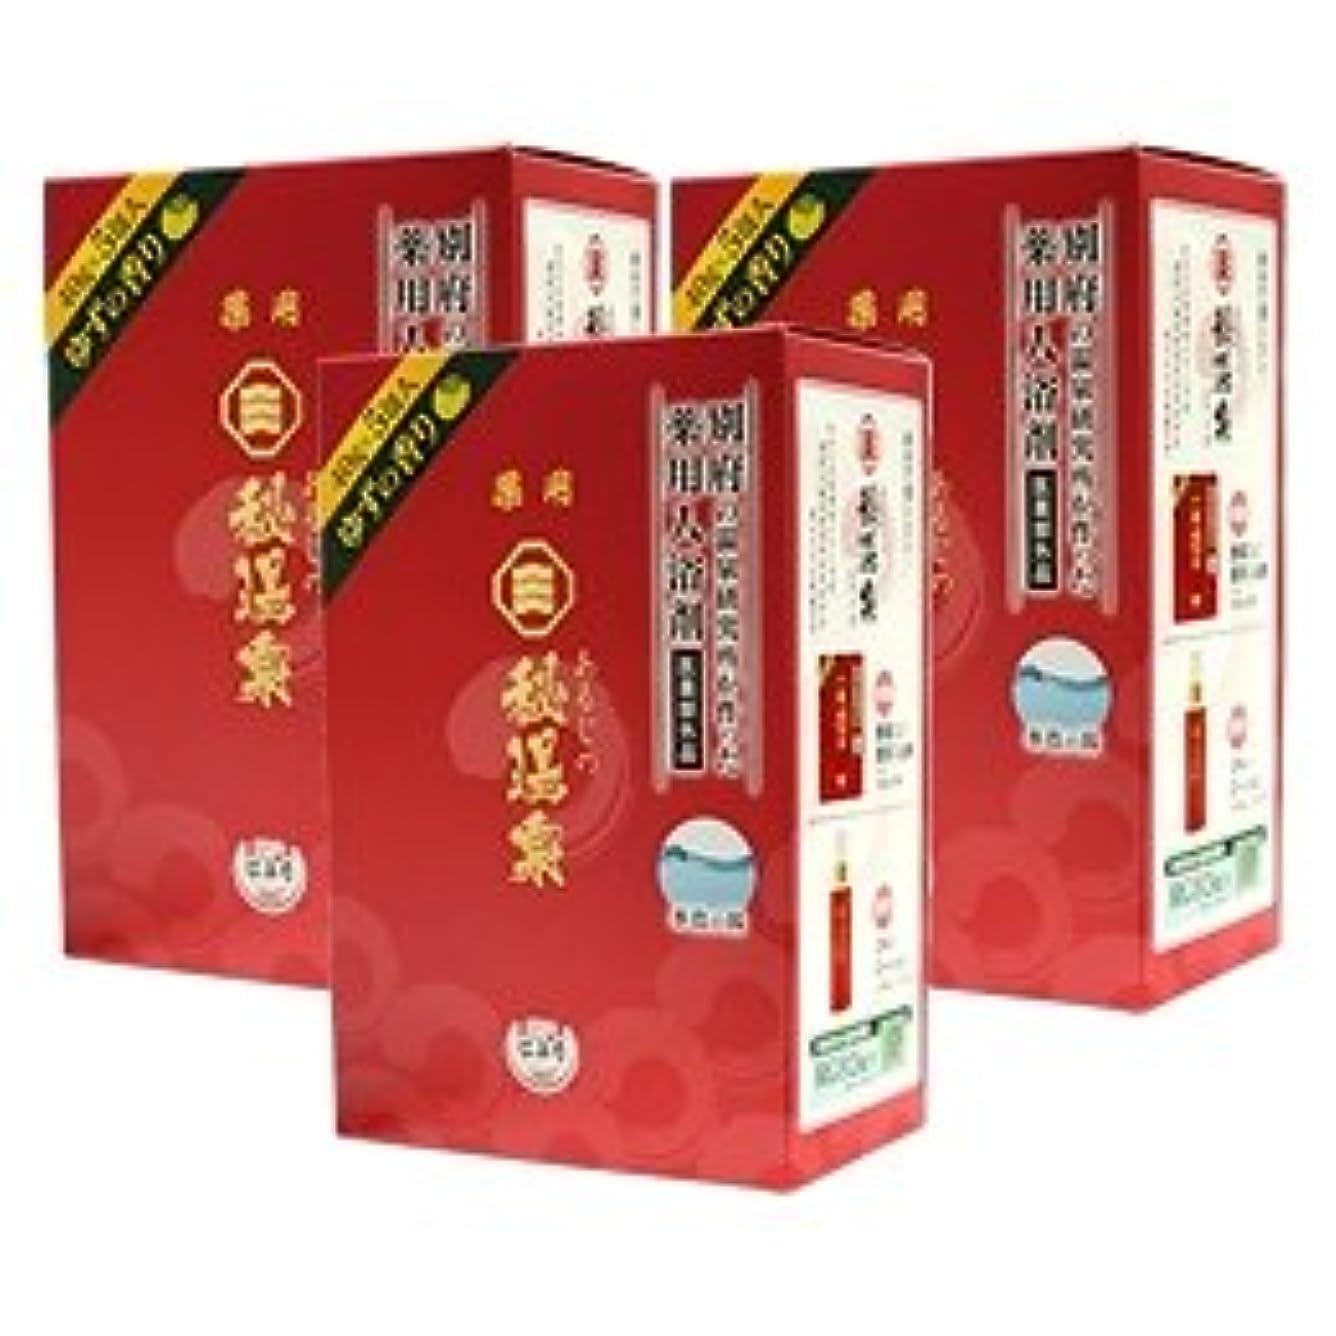 負担カセットモニカ薬用入浴剤 あるじの秘湯泉 ×3箱(1箱5包入り)セット